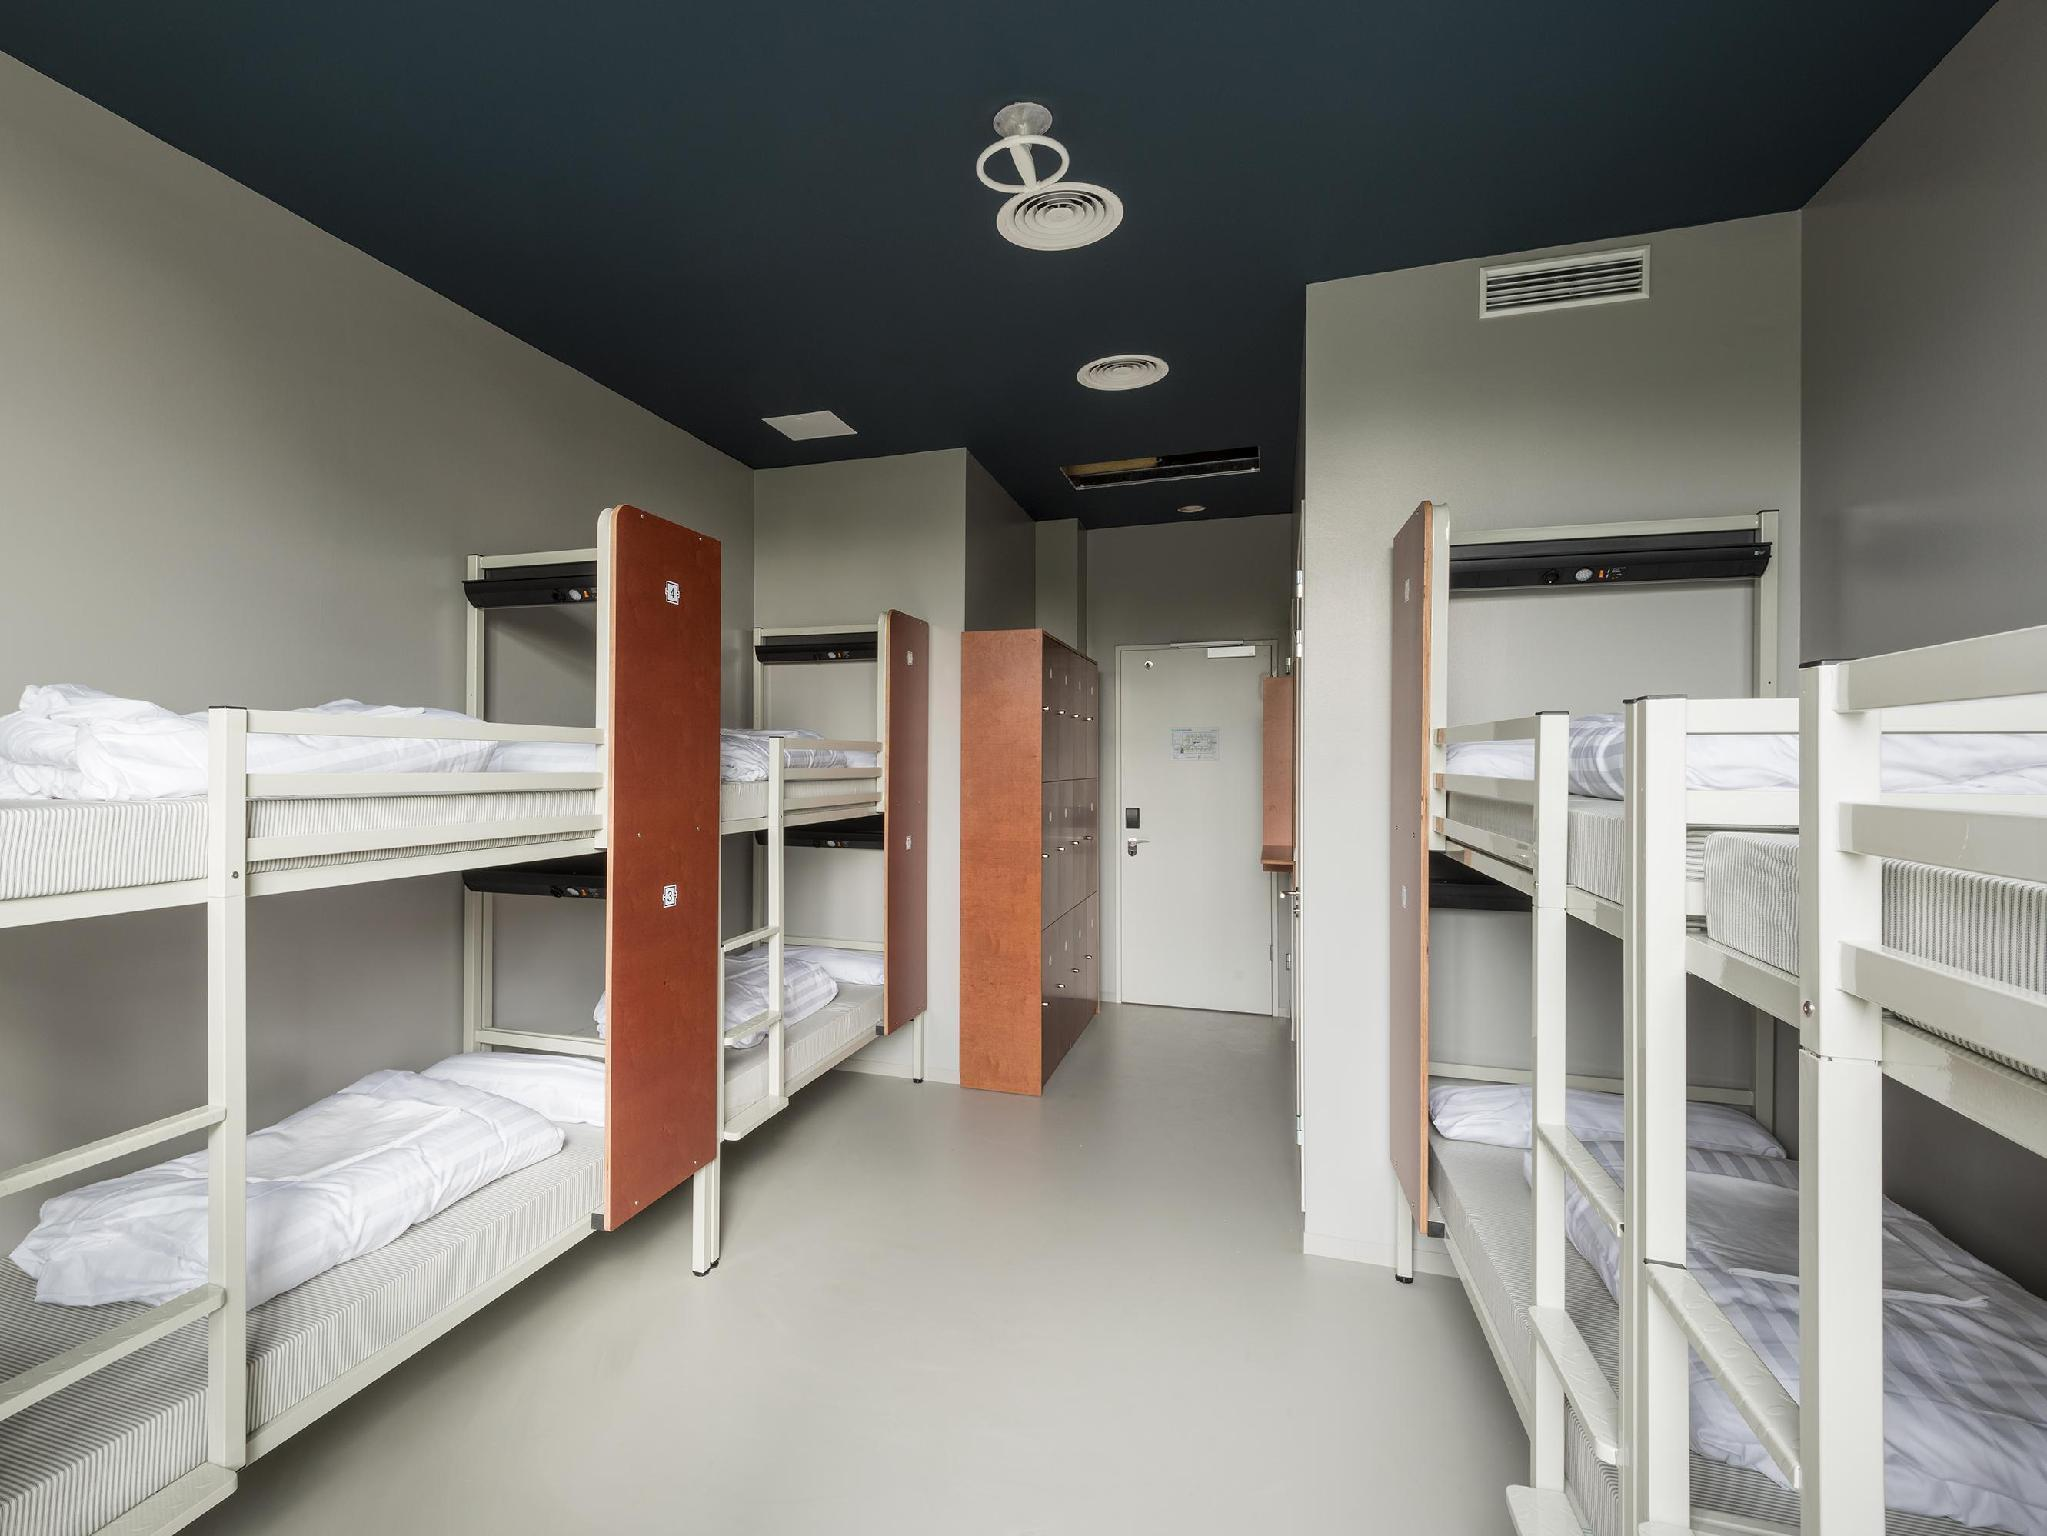 Best Price on ClinkNOORD Hostel in Amsterdam + Reviews